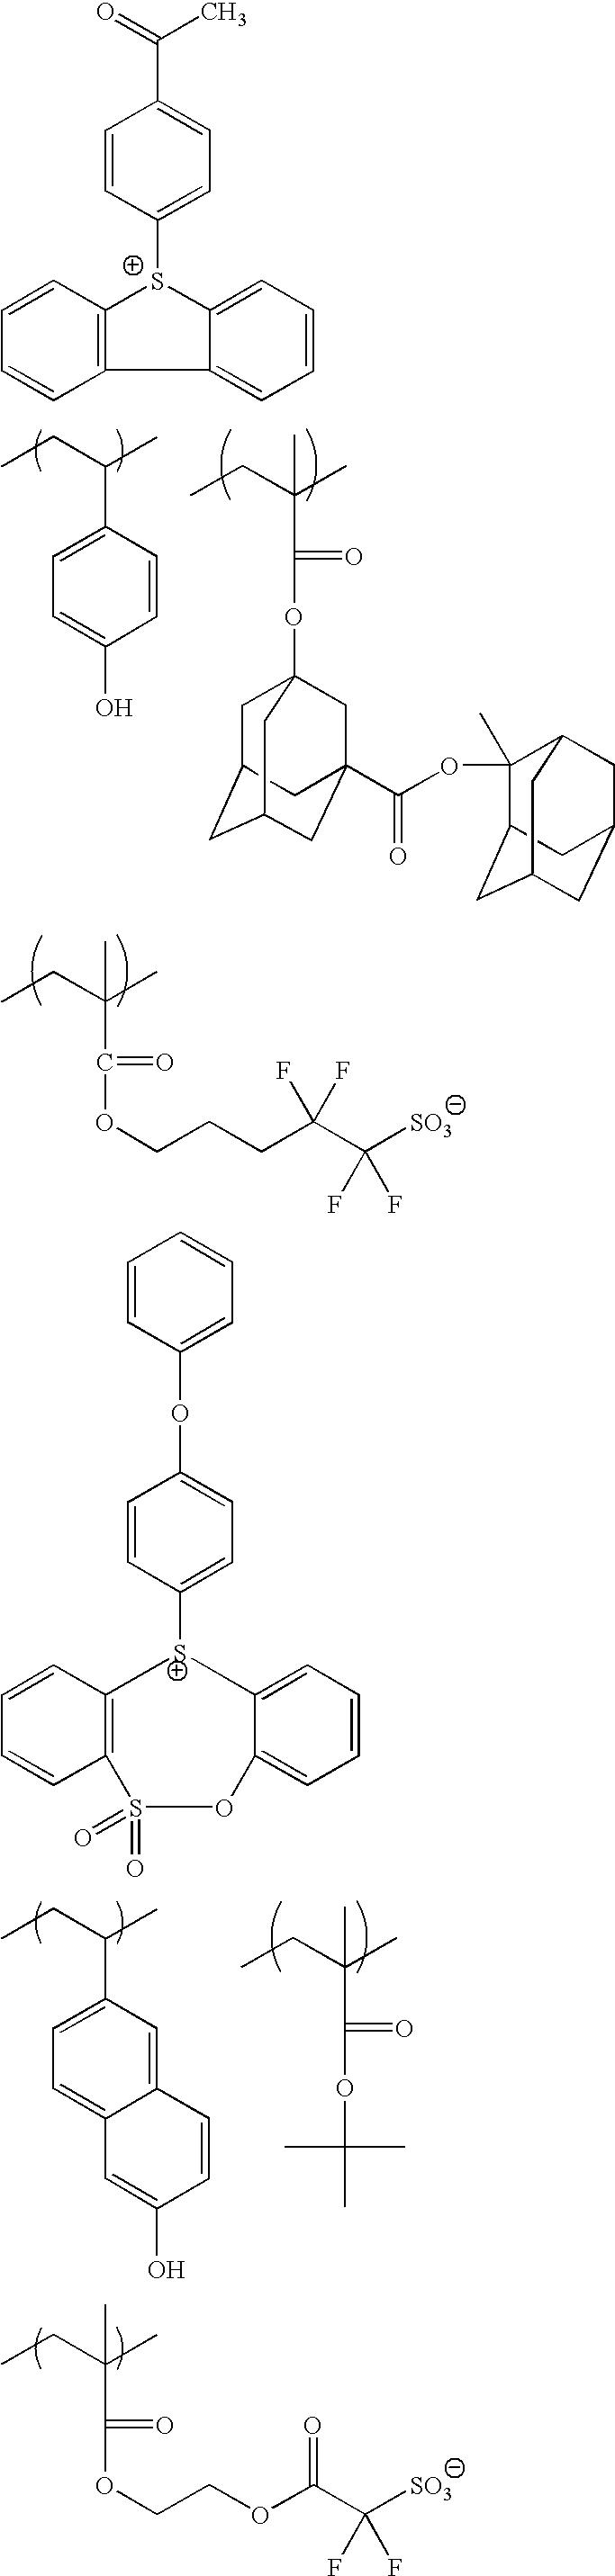 Figure US20100183975A1-20100722-C00199